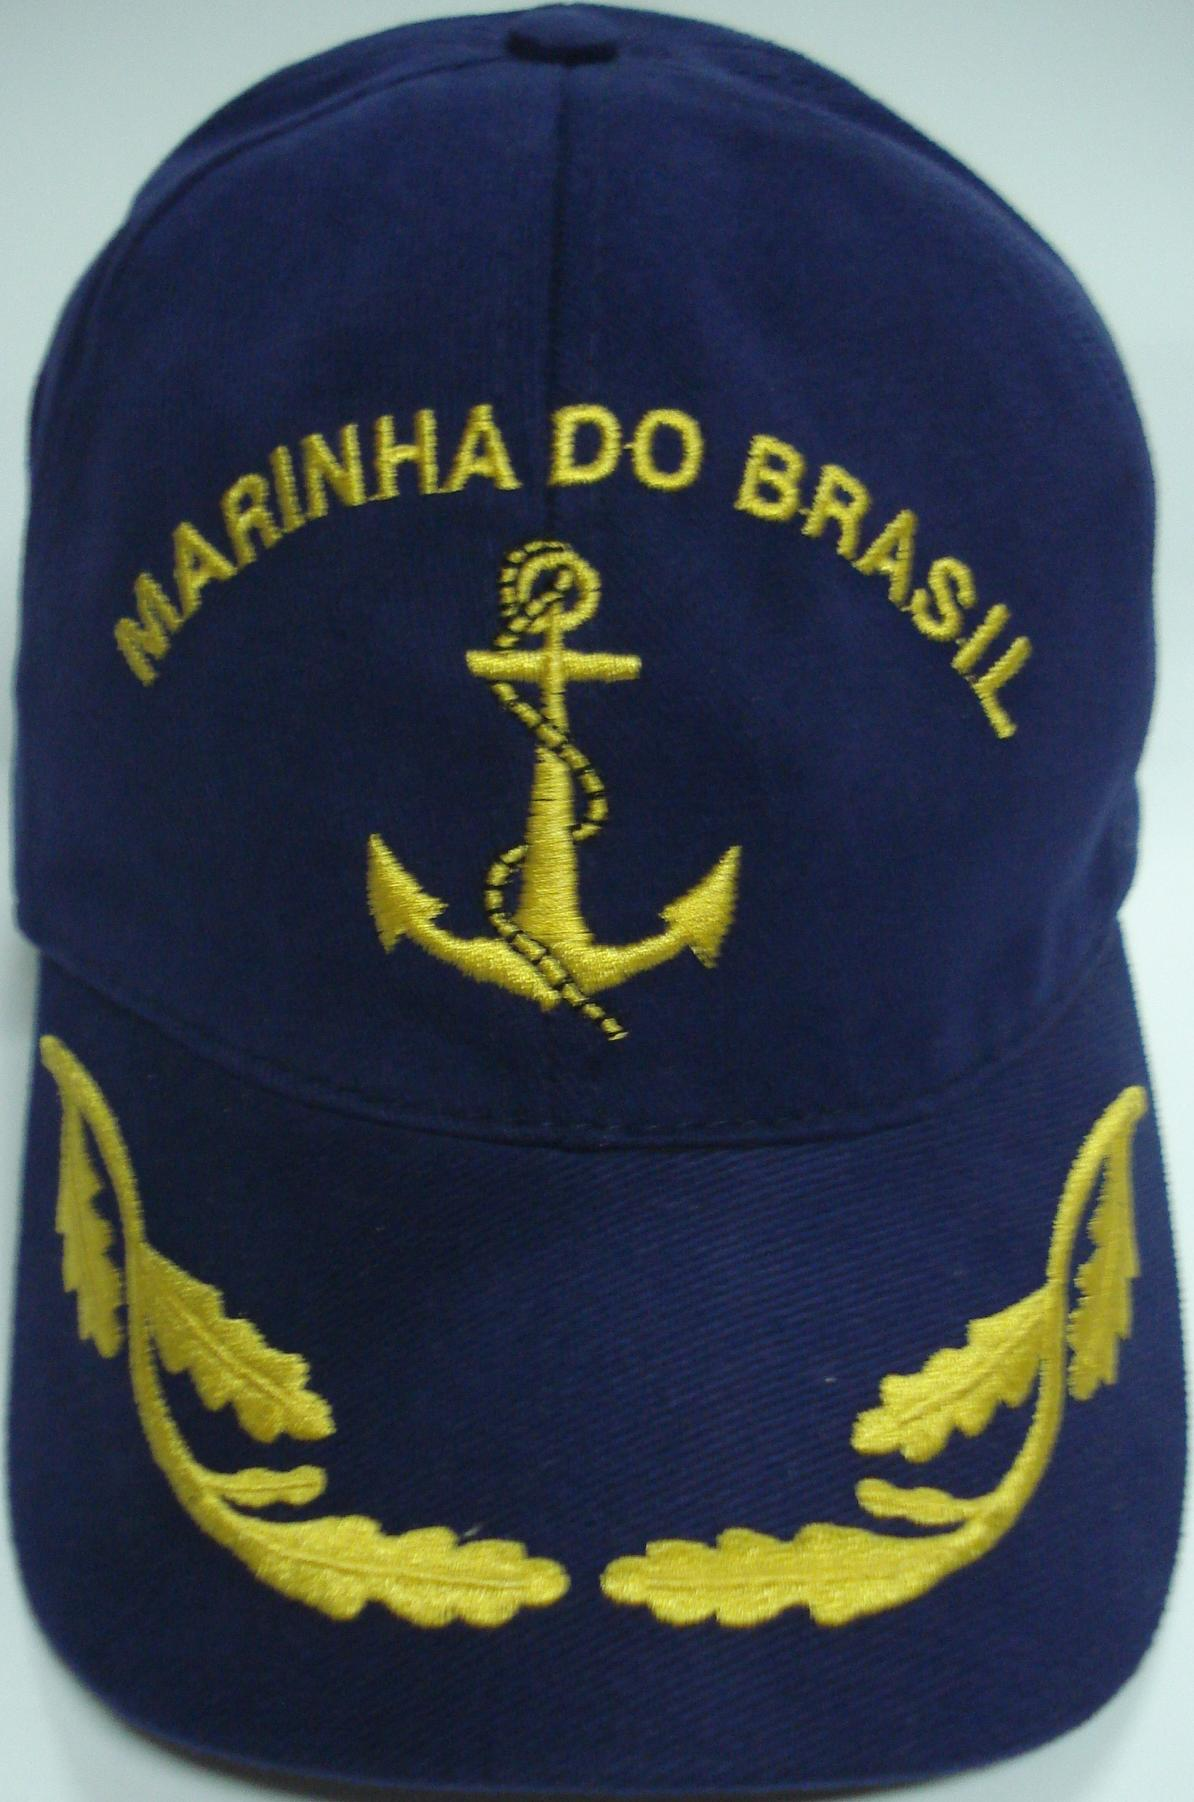 Boné Marinha do Brasil Bordado Azul